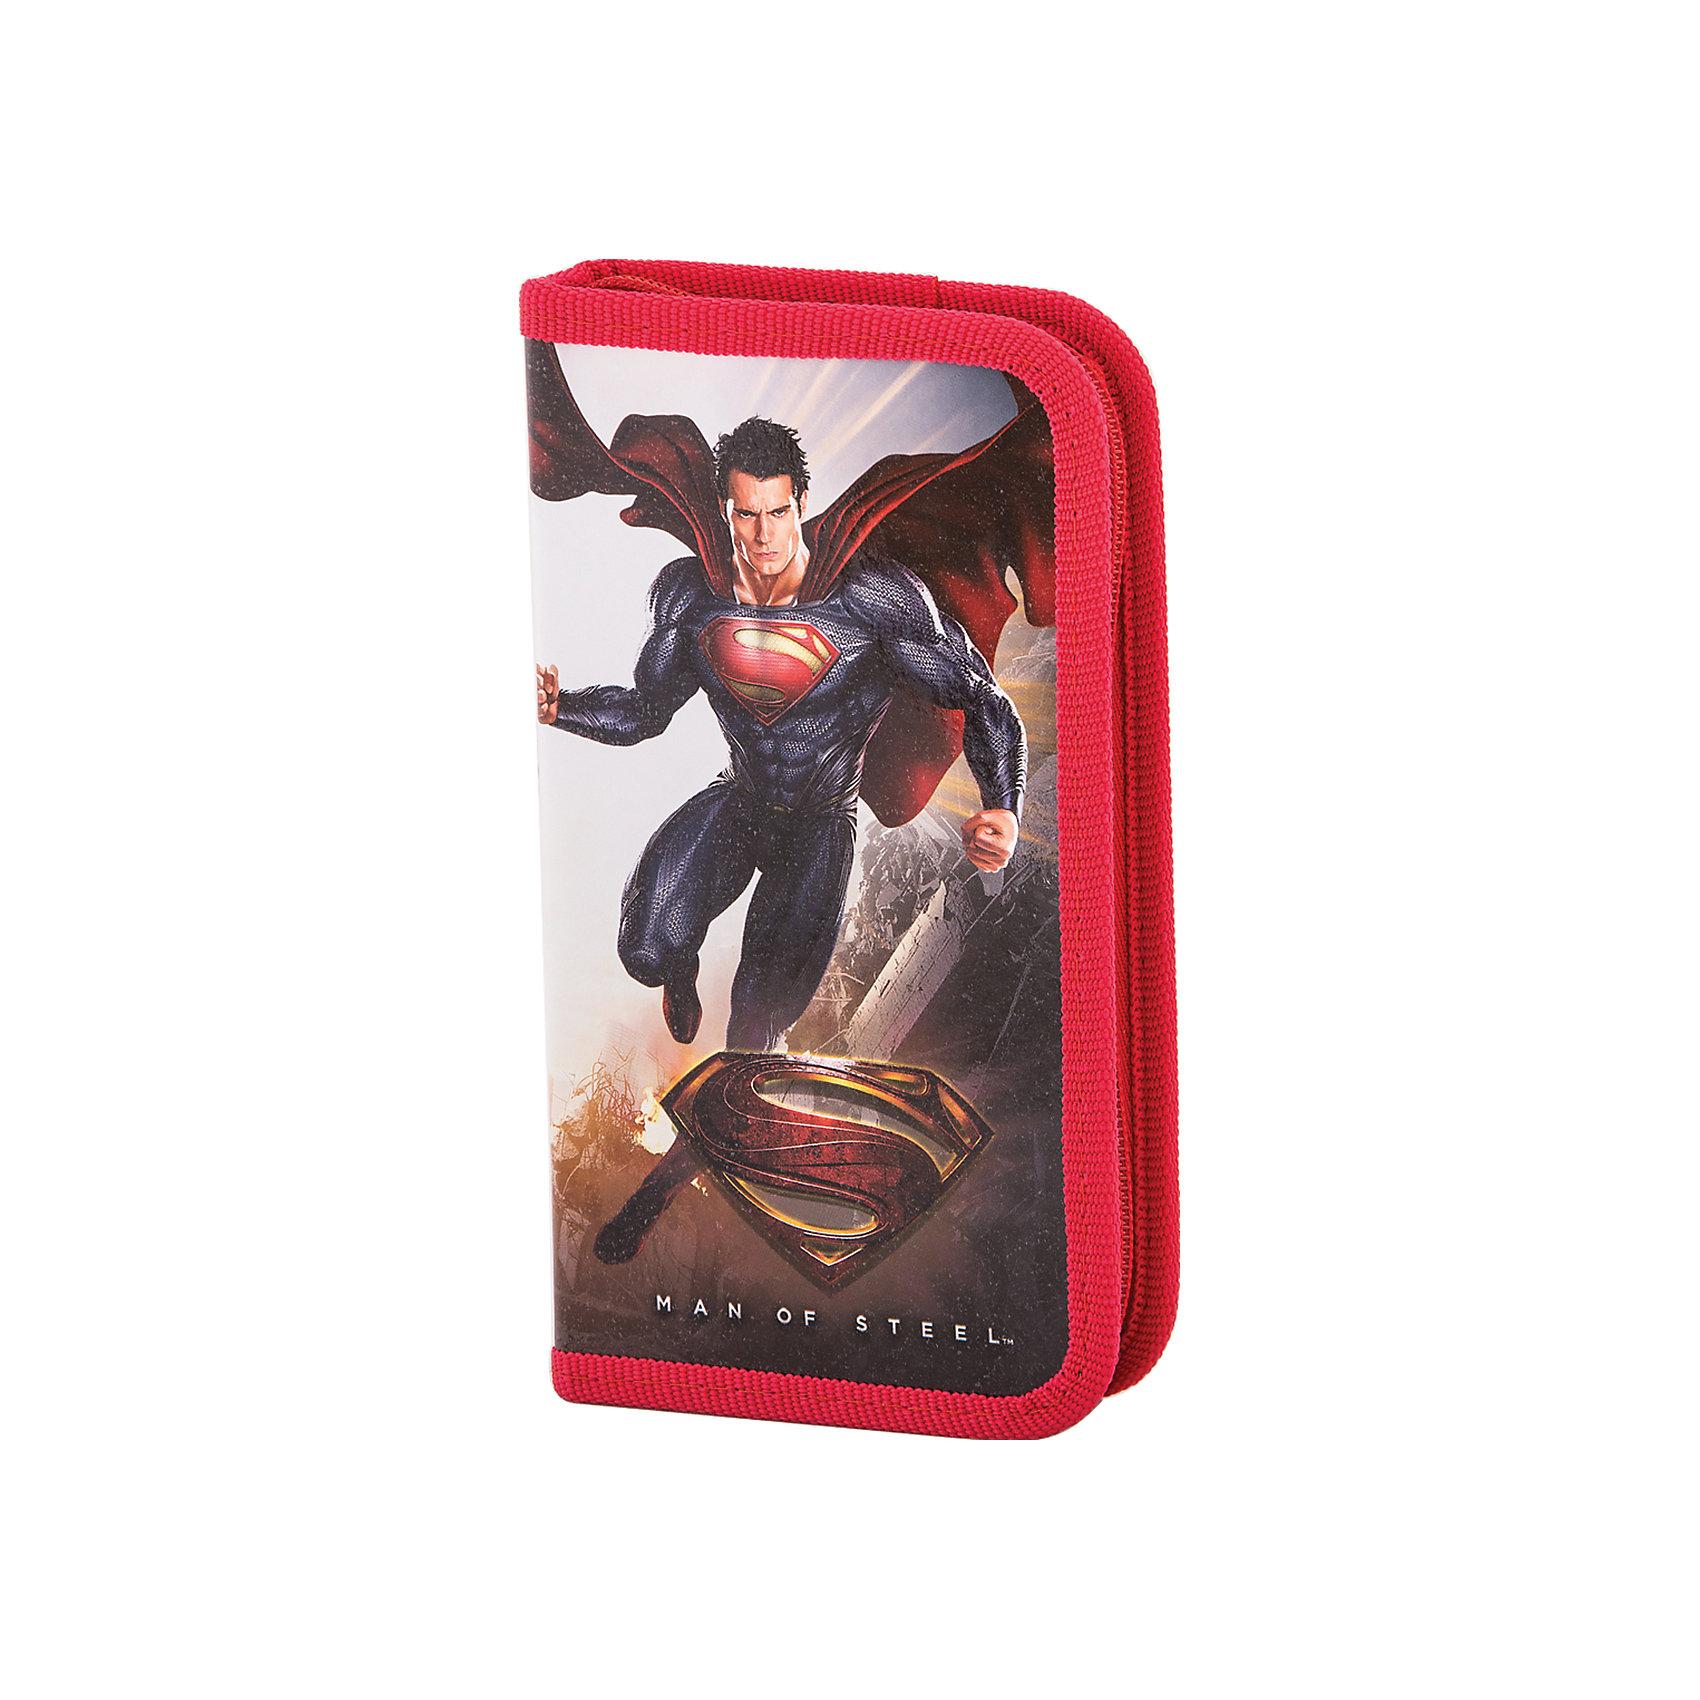 Пенал СуперменЯркие канцелярские принадлежности с привлекательным дизайном сделают школьные занятия веселее и поднимут настроение маленькому школьнику. Пенал Супермен (Superman) выполнен в оригинальном дизайне и украшен интересным рисунком с изображением популярного супергероя. Внутри одно отделение на молнии с резинками-держателями для письменных принадлежностей.<br><br>Дополнительная информация:<br><br>- Материал: полиэстер.<br>- Размер: 11 х 3 х 19 см.<br>- Вес: 70 гр.<br><br>Пенал Супермен (Superman), Proff, можно купить в нашем интернет-магазине.<br><br>Ширина мм: 110<br>Глубина мм: 190<br>Высота мм: 30<br>Вес г: 70<br>Возраст от месяцев: 84<br>Возраст до месяцев: 144<br>Пол: Мужской<br>Возраст: Детский<br>SKU: 4601805